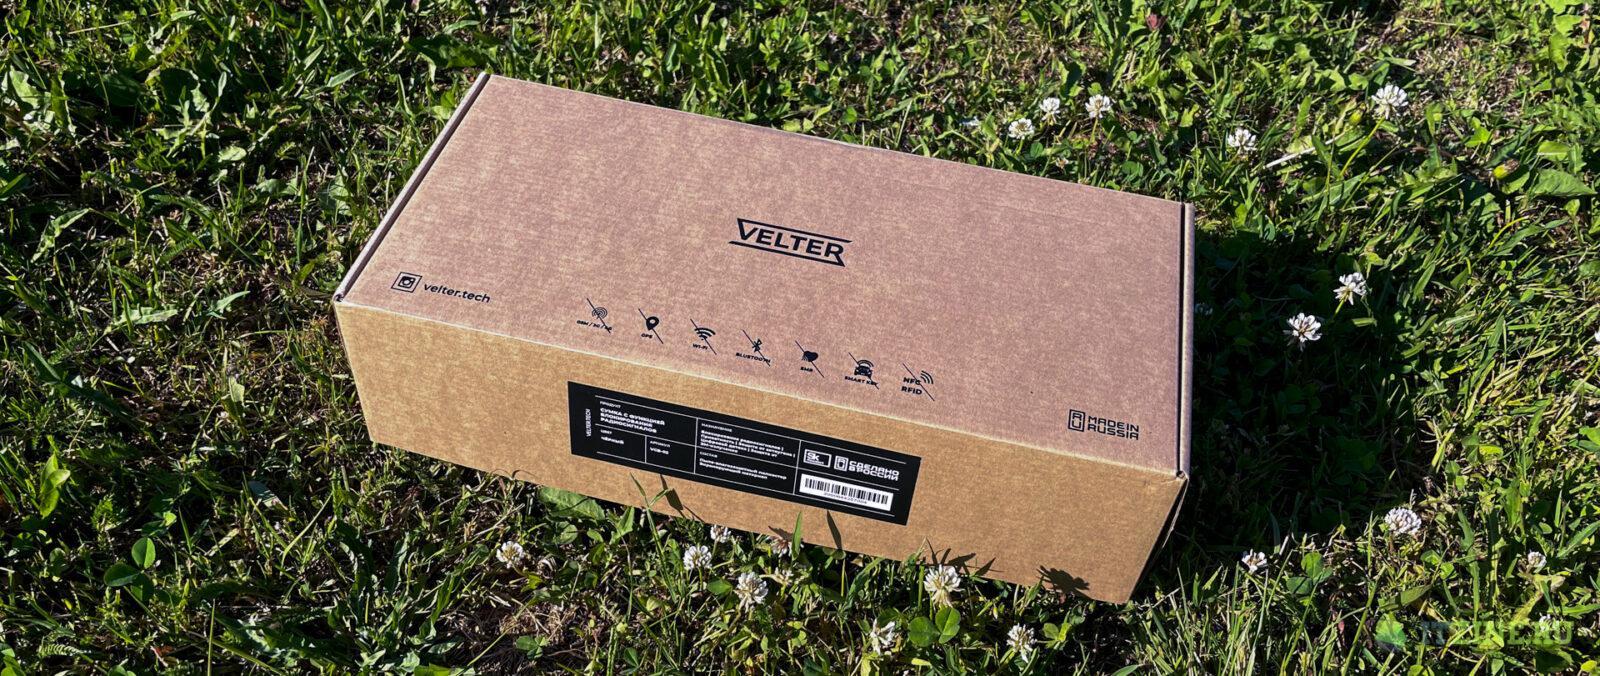 Обзор сумки Velter с клеткой Фарадея: блокирует все сигналы гаджетов (hp envy 01 1)